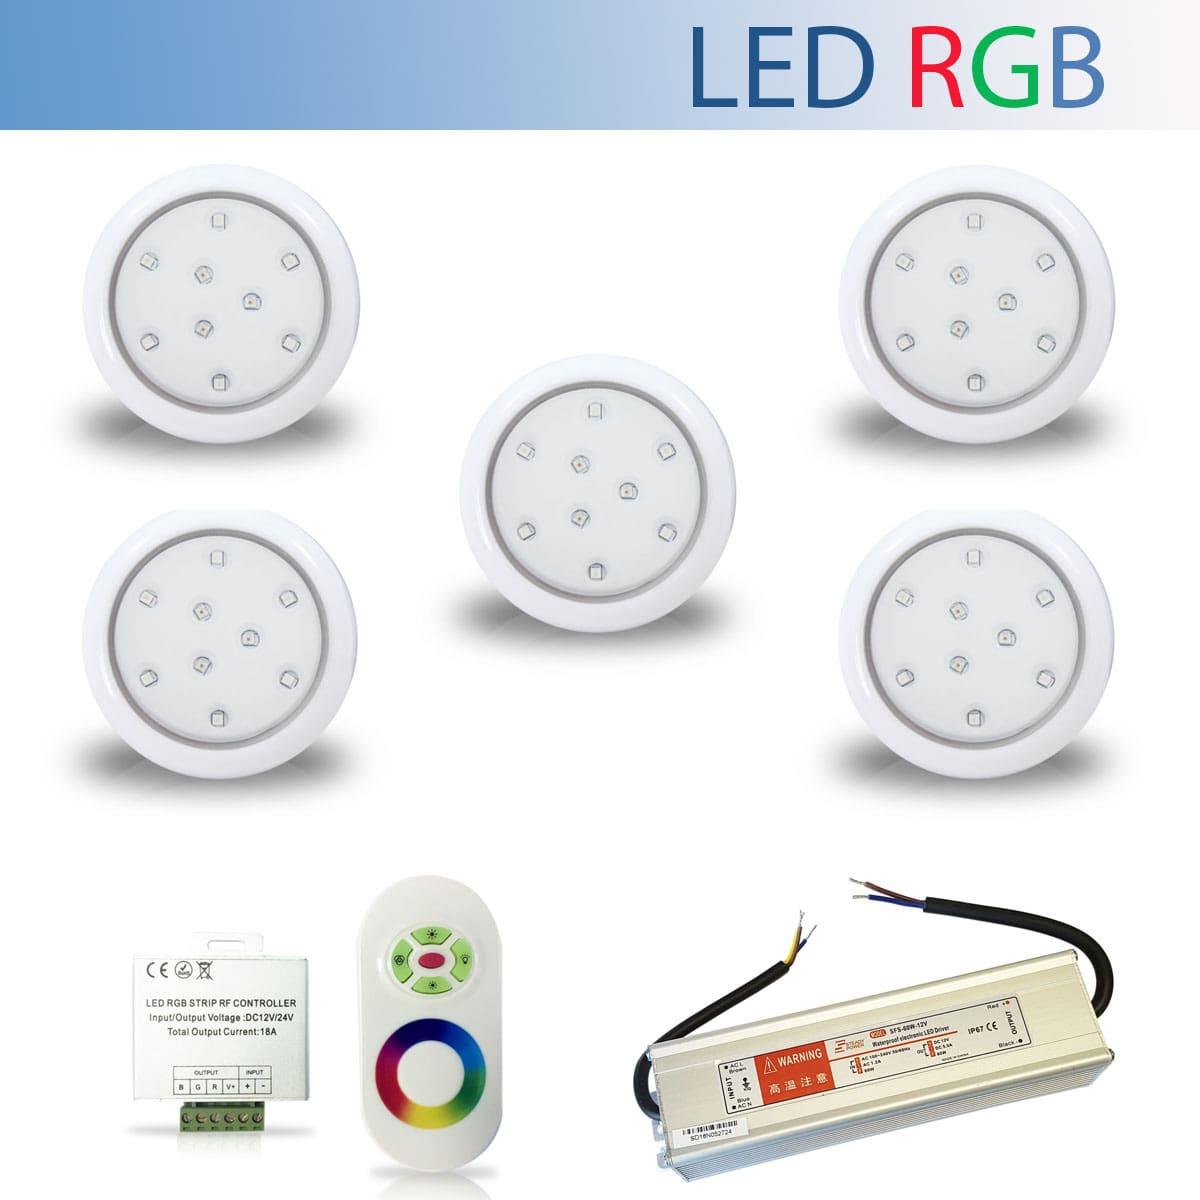 Kit 5 Luminária Led RGB para Piscina de 9W 80mm + Fonte Blindada IP67 de 60W + Controle RGB